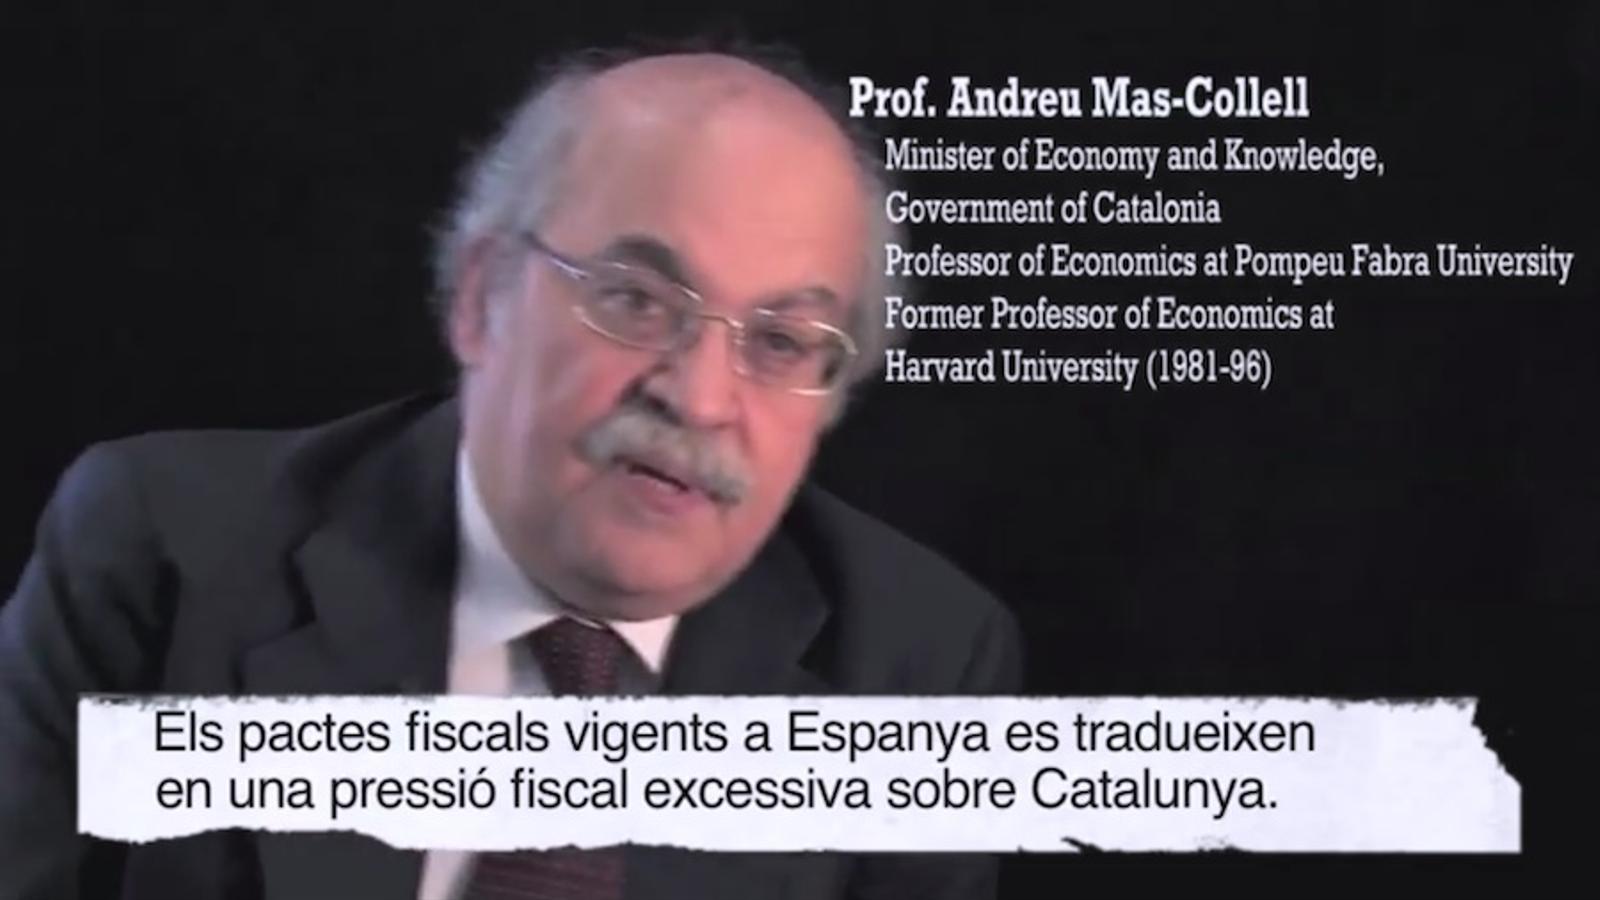 Vídeo de presentació de l''app' Stop Espoli: missatge al món, en anglès, de Mas-Colell i acadèmics catalans